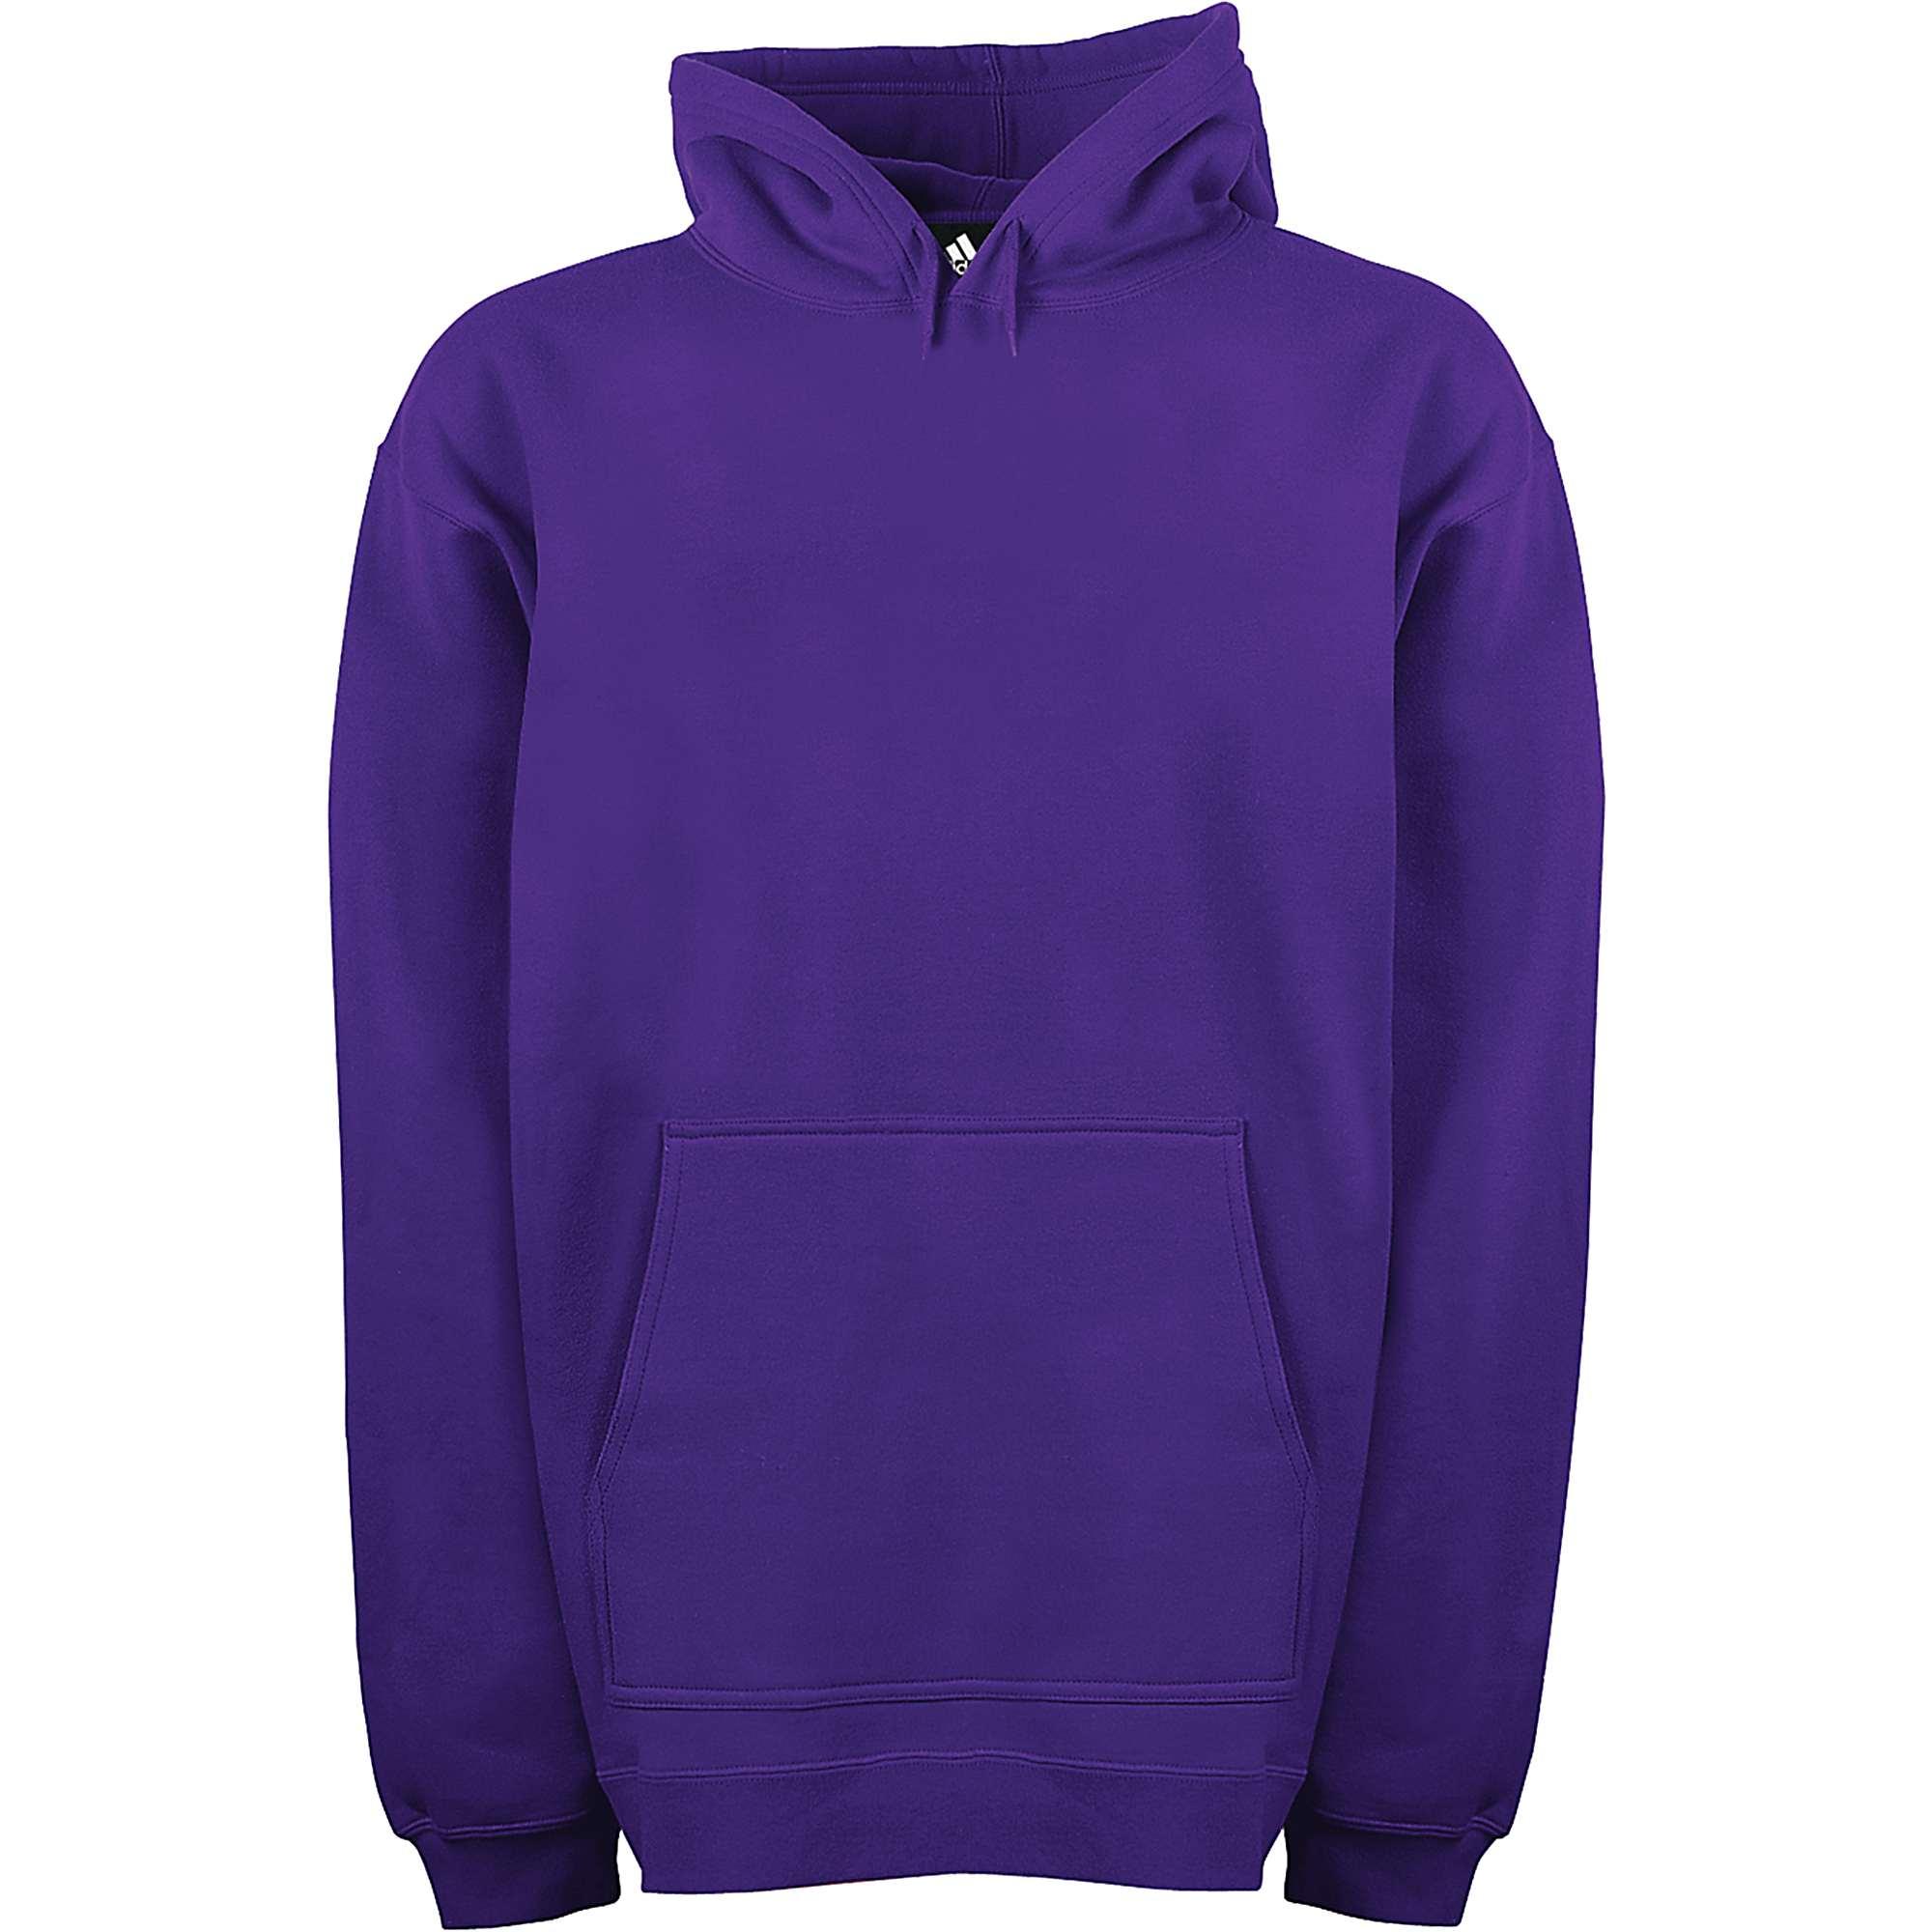 Womens Black Zip Up Sweater